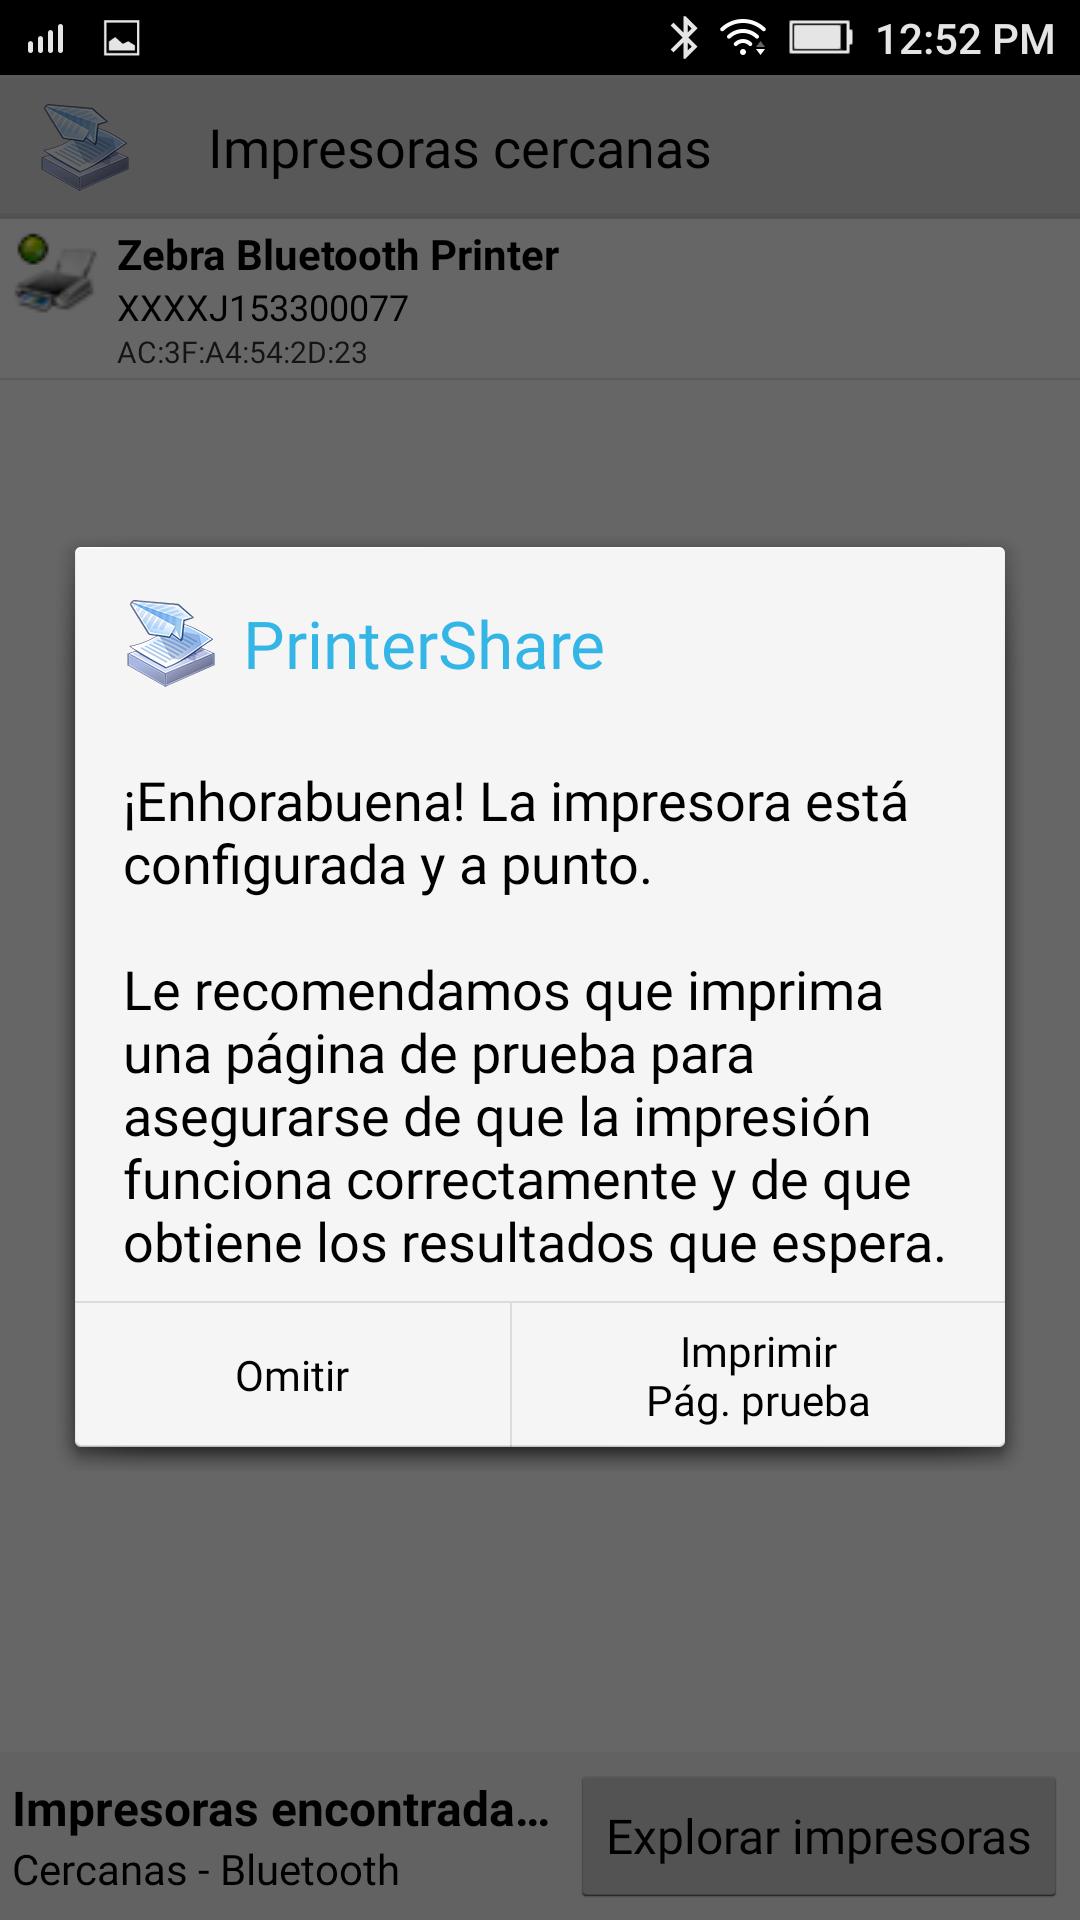 Configuración Impresora Zebra iMZ320 con Android – Ayuda de Bsale